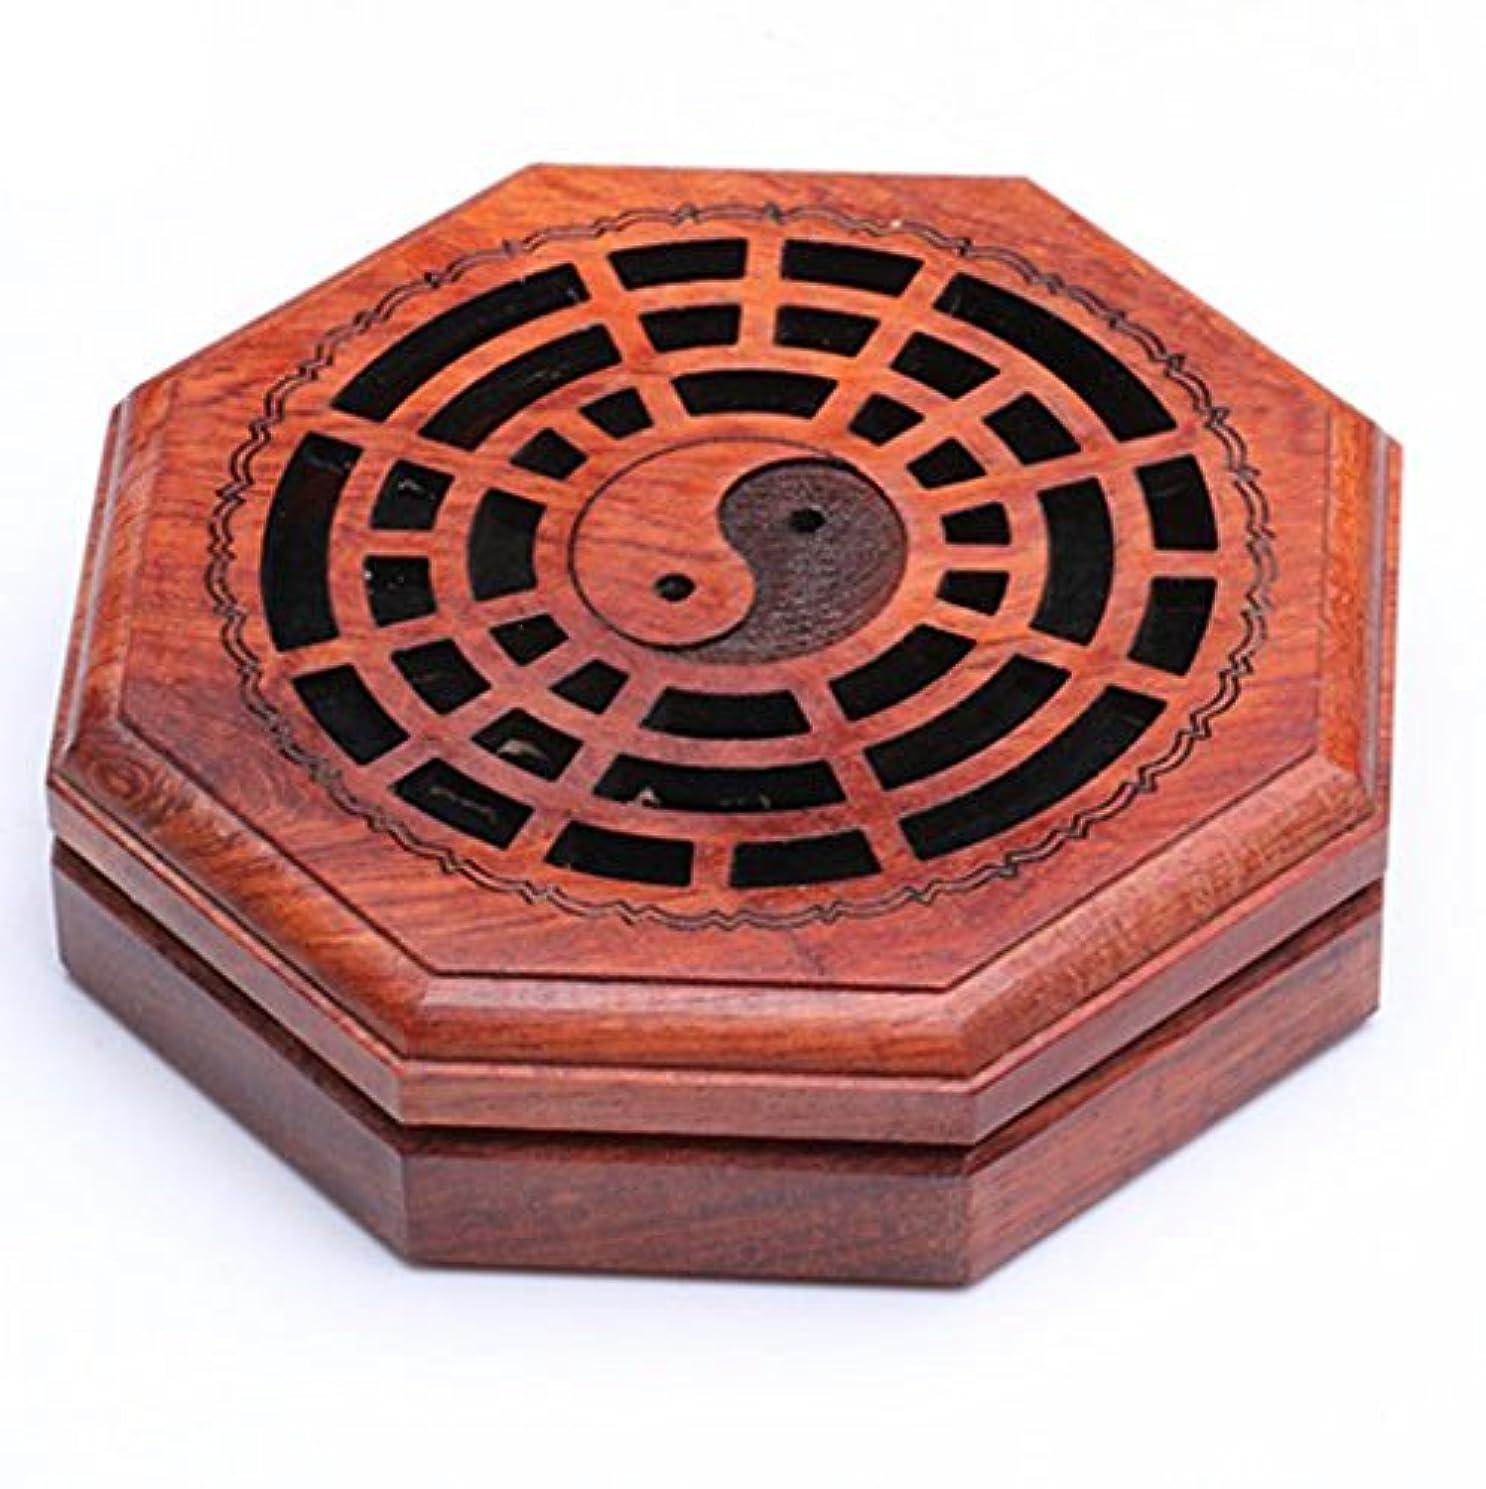 不明瞭秀でるパーセント(ラシューバー) Lasuiveur 香炉 線香立て 香立て 職人さんの手作り 茶道用品 おしゃれ  木製 透かし彫り